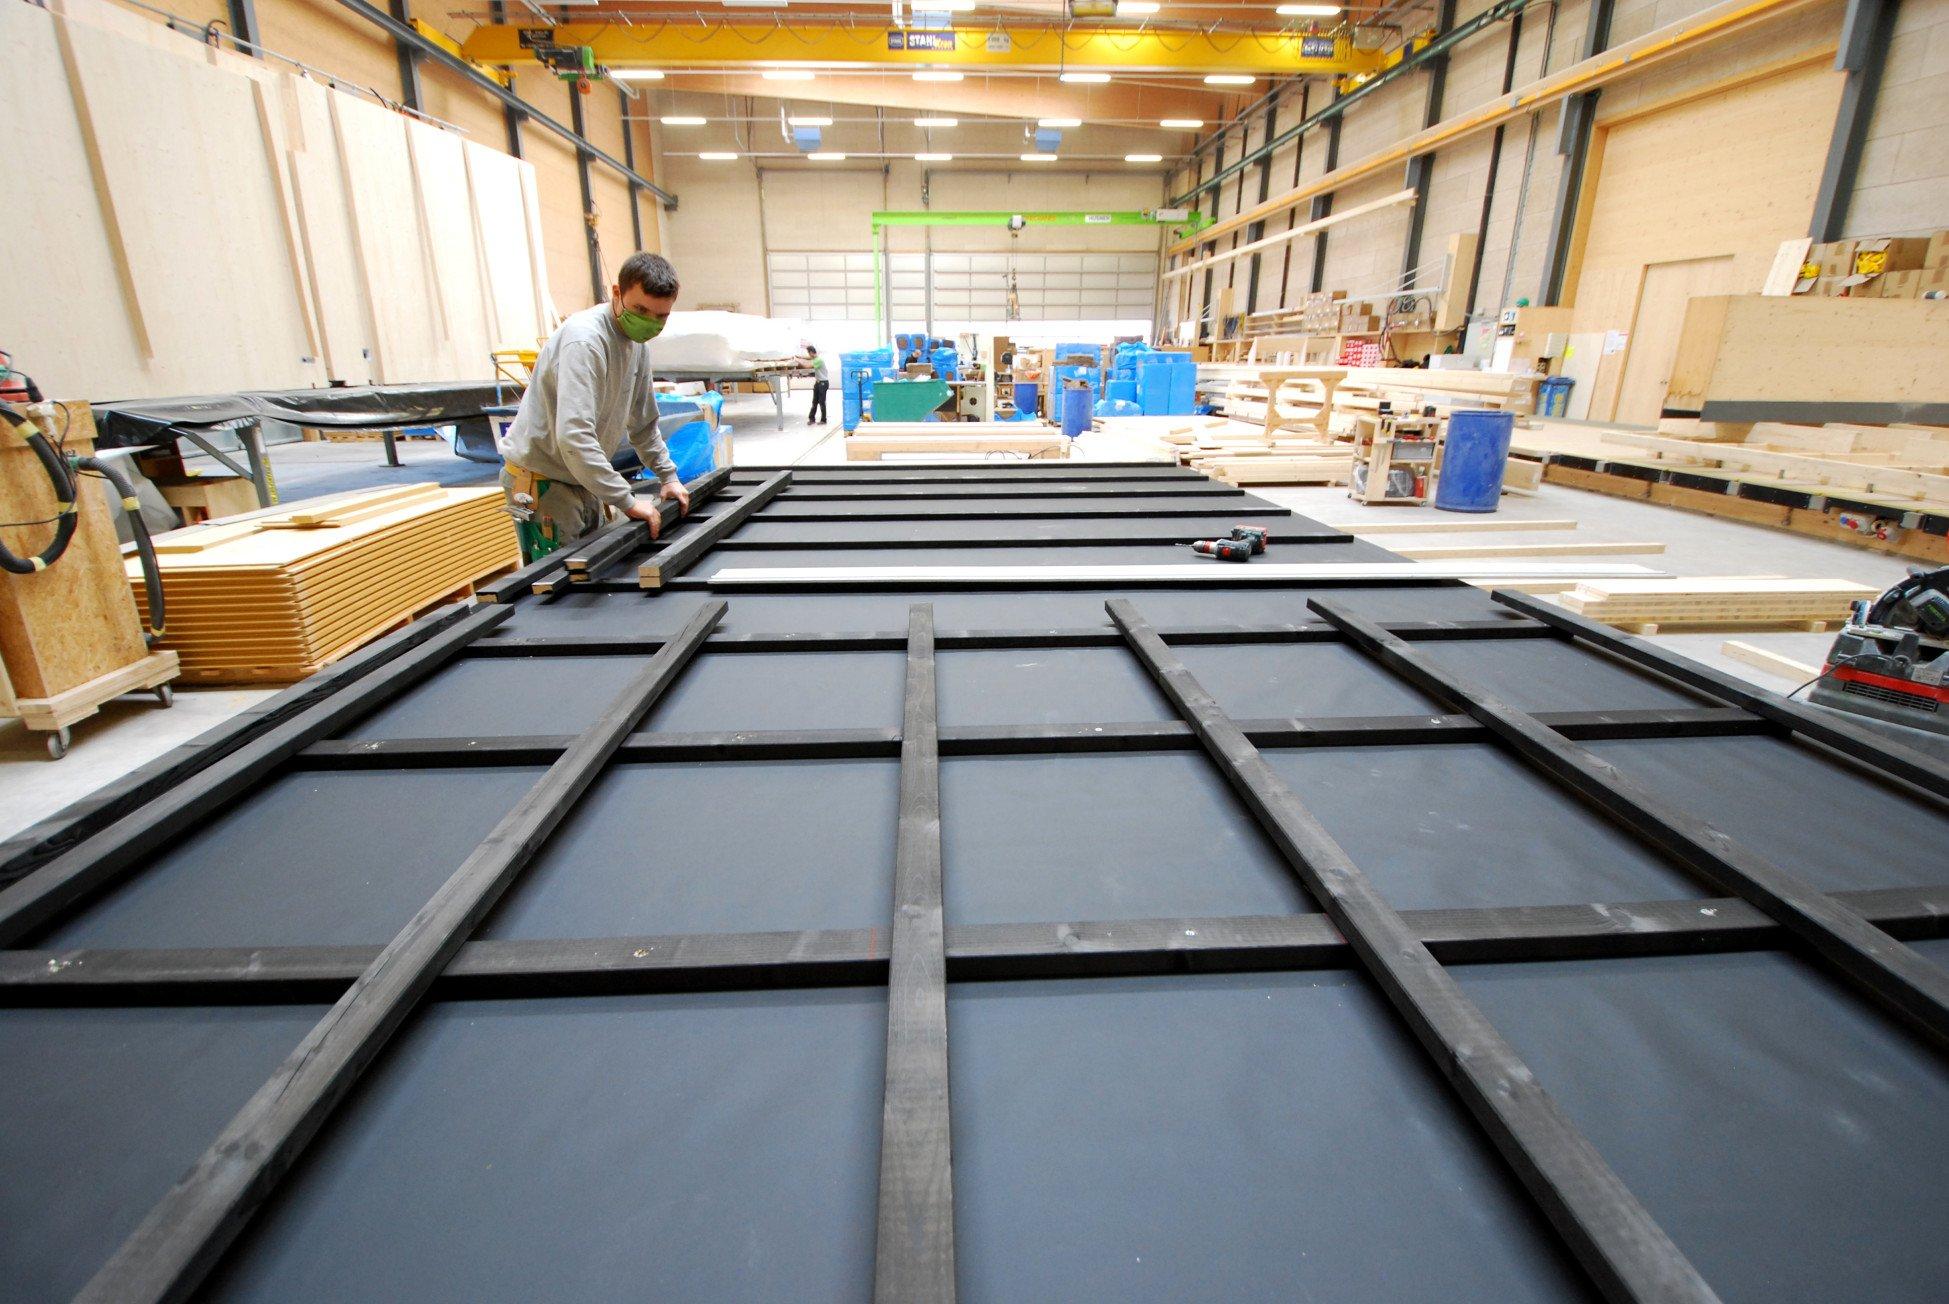 Produktion der Elemente mit Montage von Kreuzrost für die Wohnüberbauung Leben im Park in Gipf-Oberfrick in den Werkhallen von HUSNER AG Holzbau